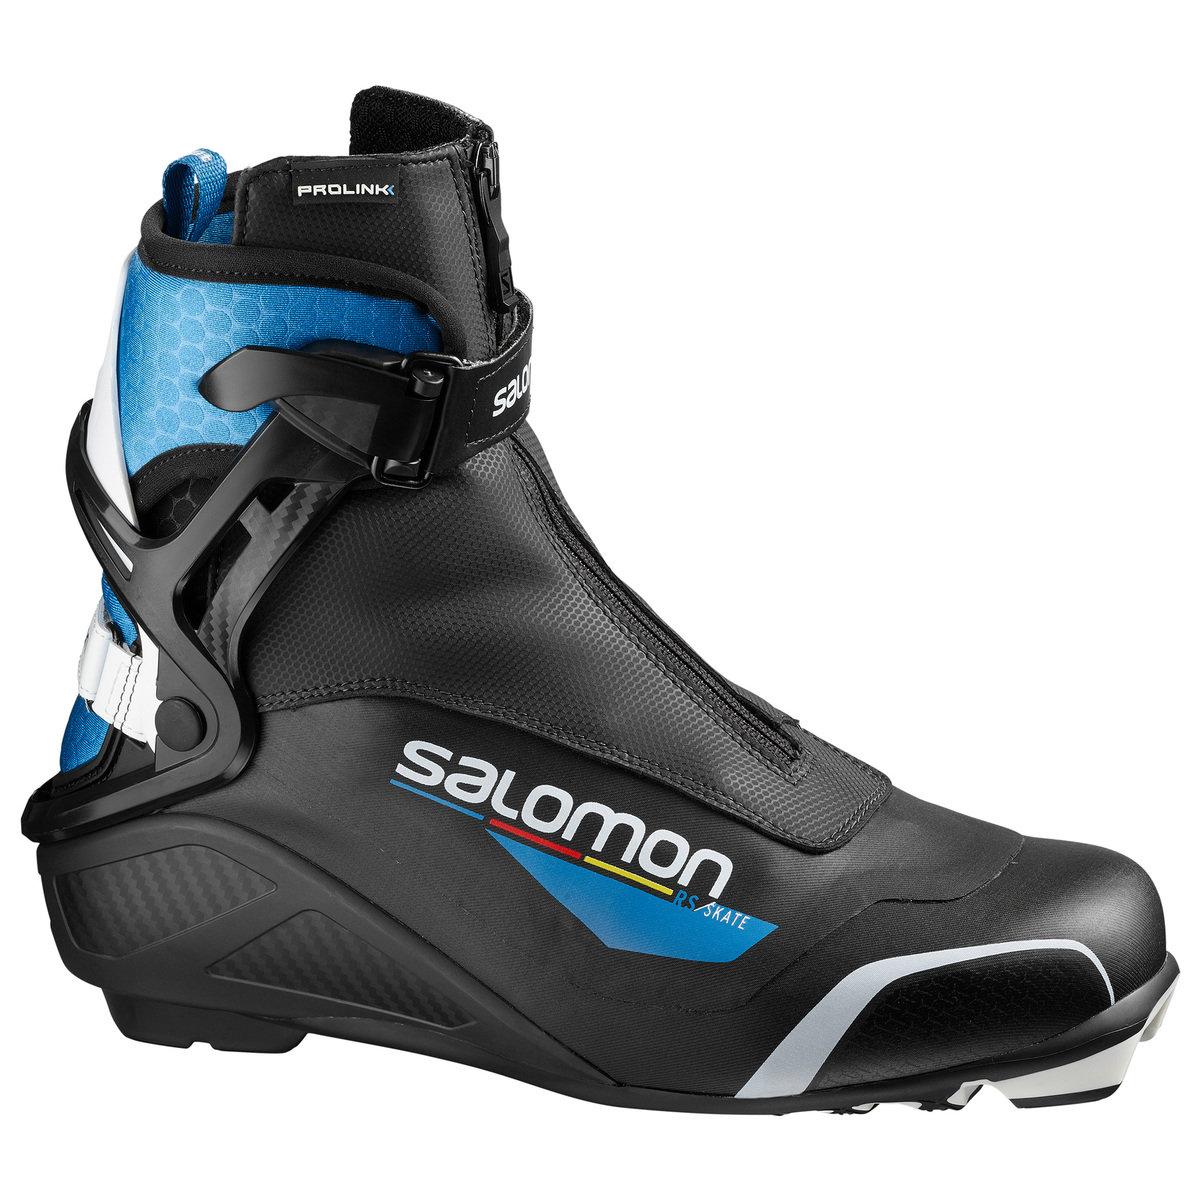 8799314d2c7 Běžecké boty Salomon RS PROLINK - Helia Sport